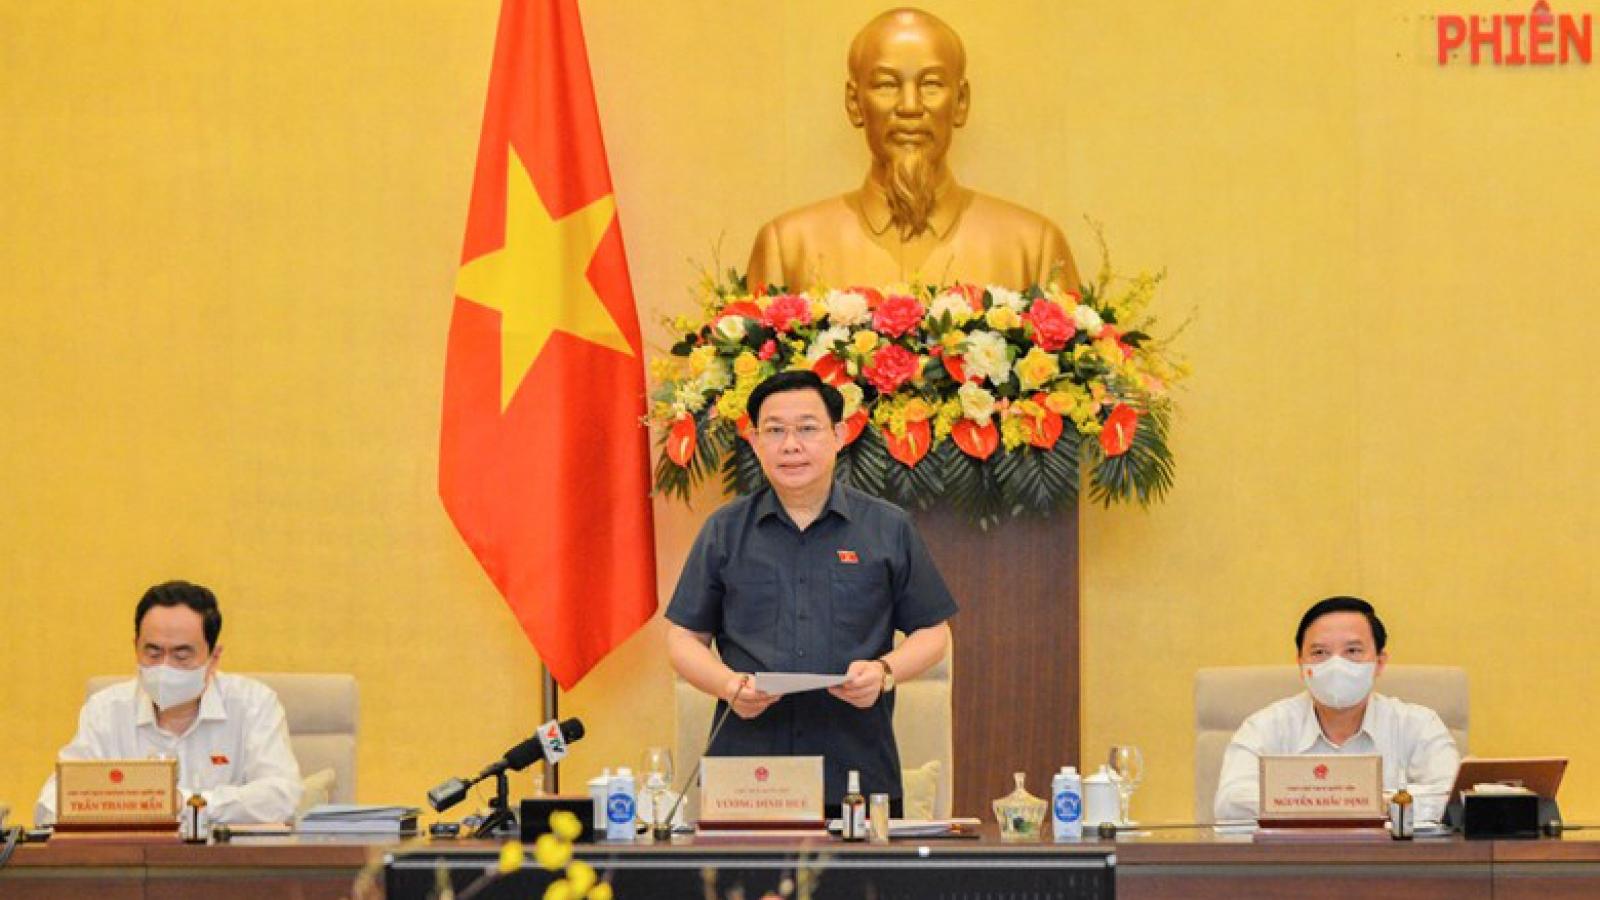 Thường vụ Quốc hội sẽ xem xét thành lập thành phố Từ Sơn, tỉnh Bắc Ninh